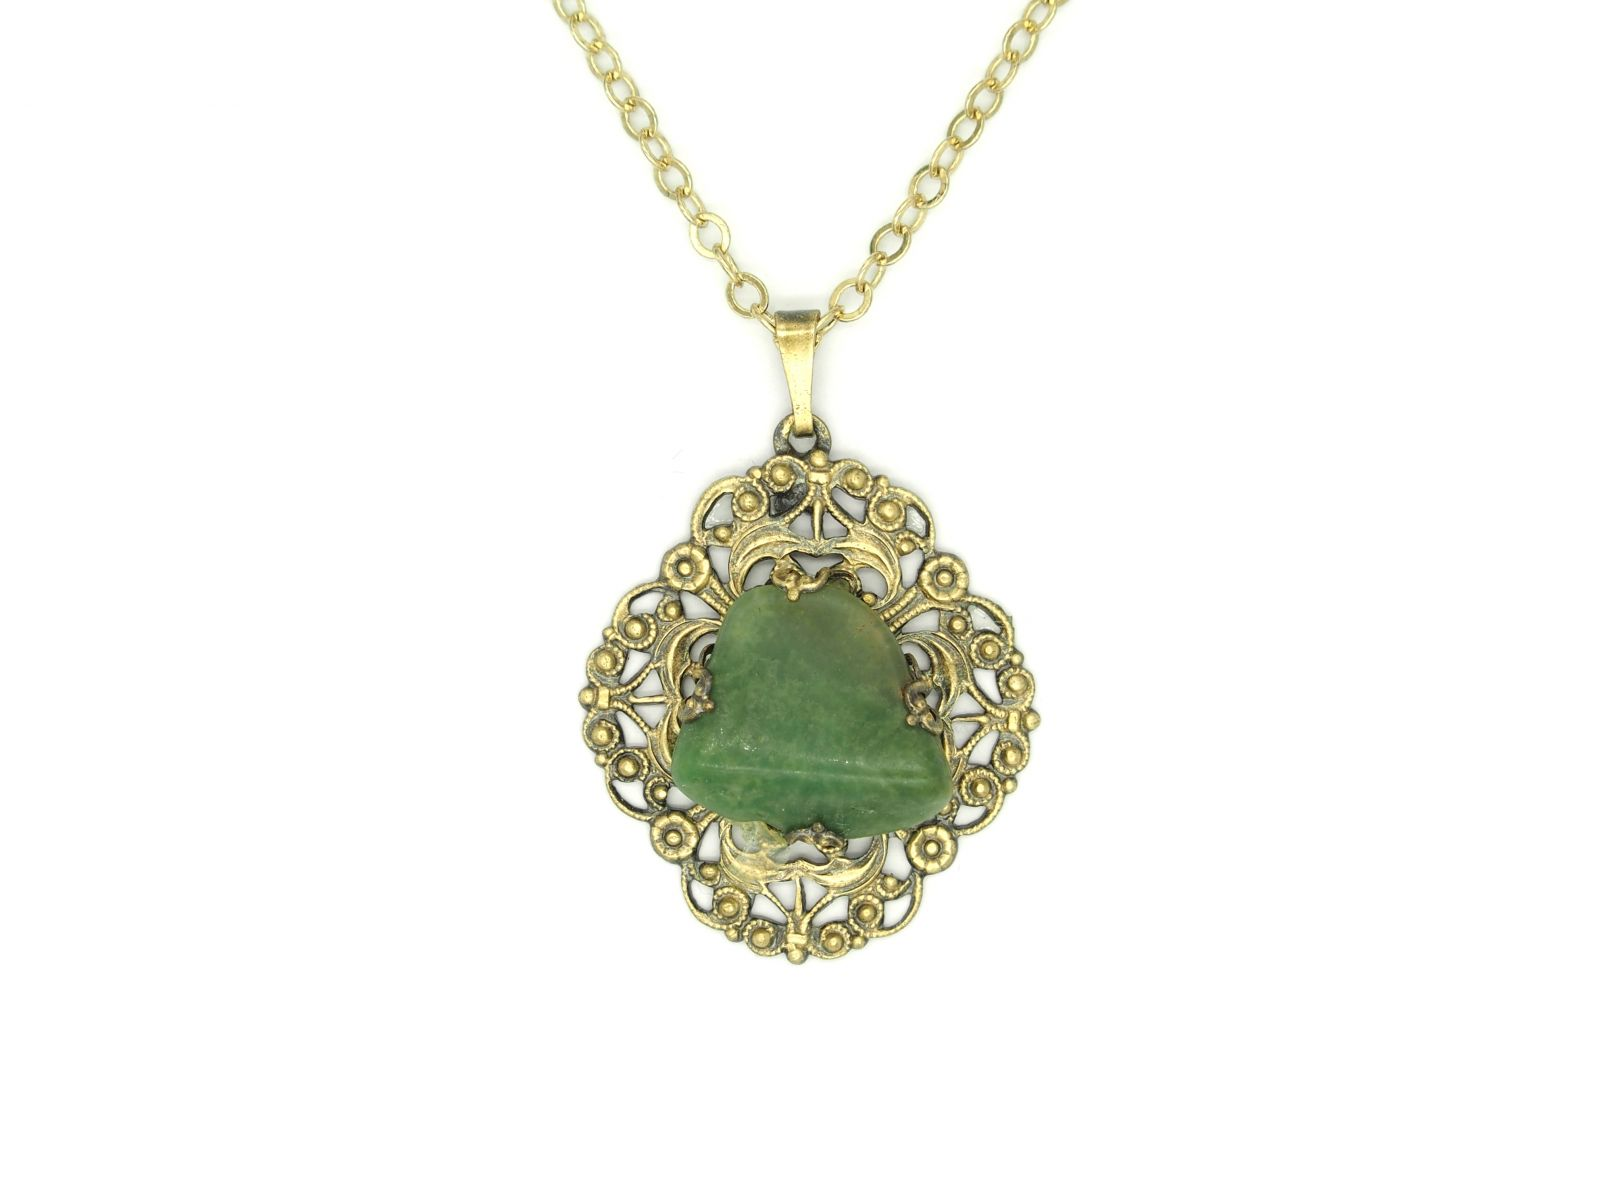 náhrdelník s přívěskem (a)